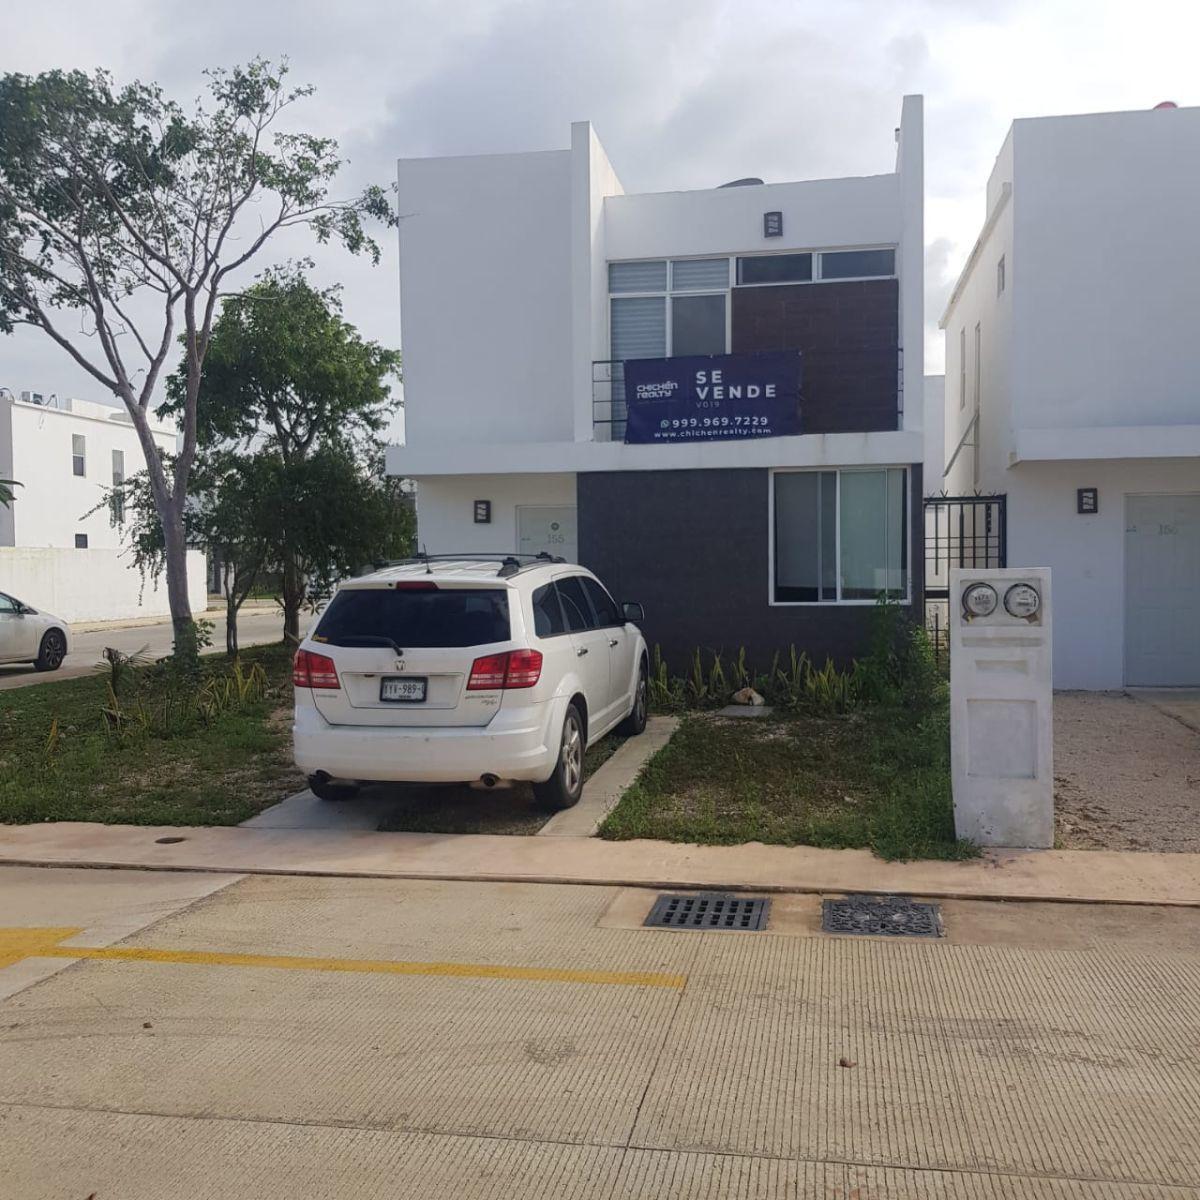 2 de 10: Casa En venta, Conkaln Mérida, Yucatán. Chichén Realty.